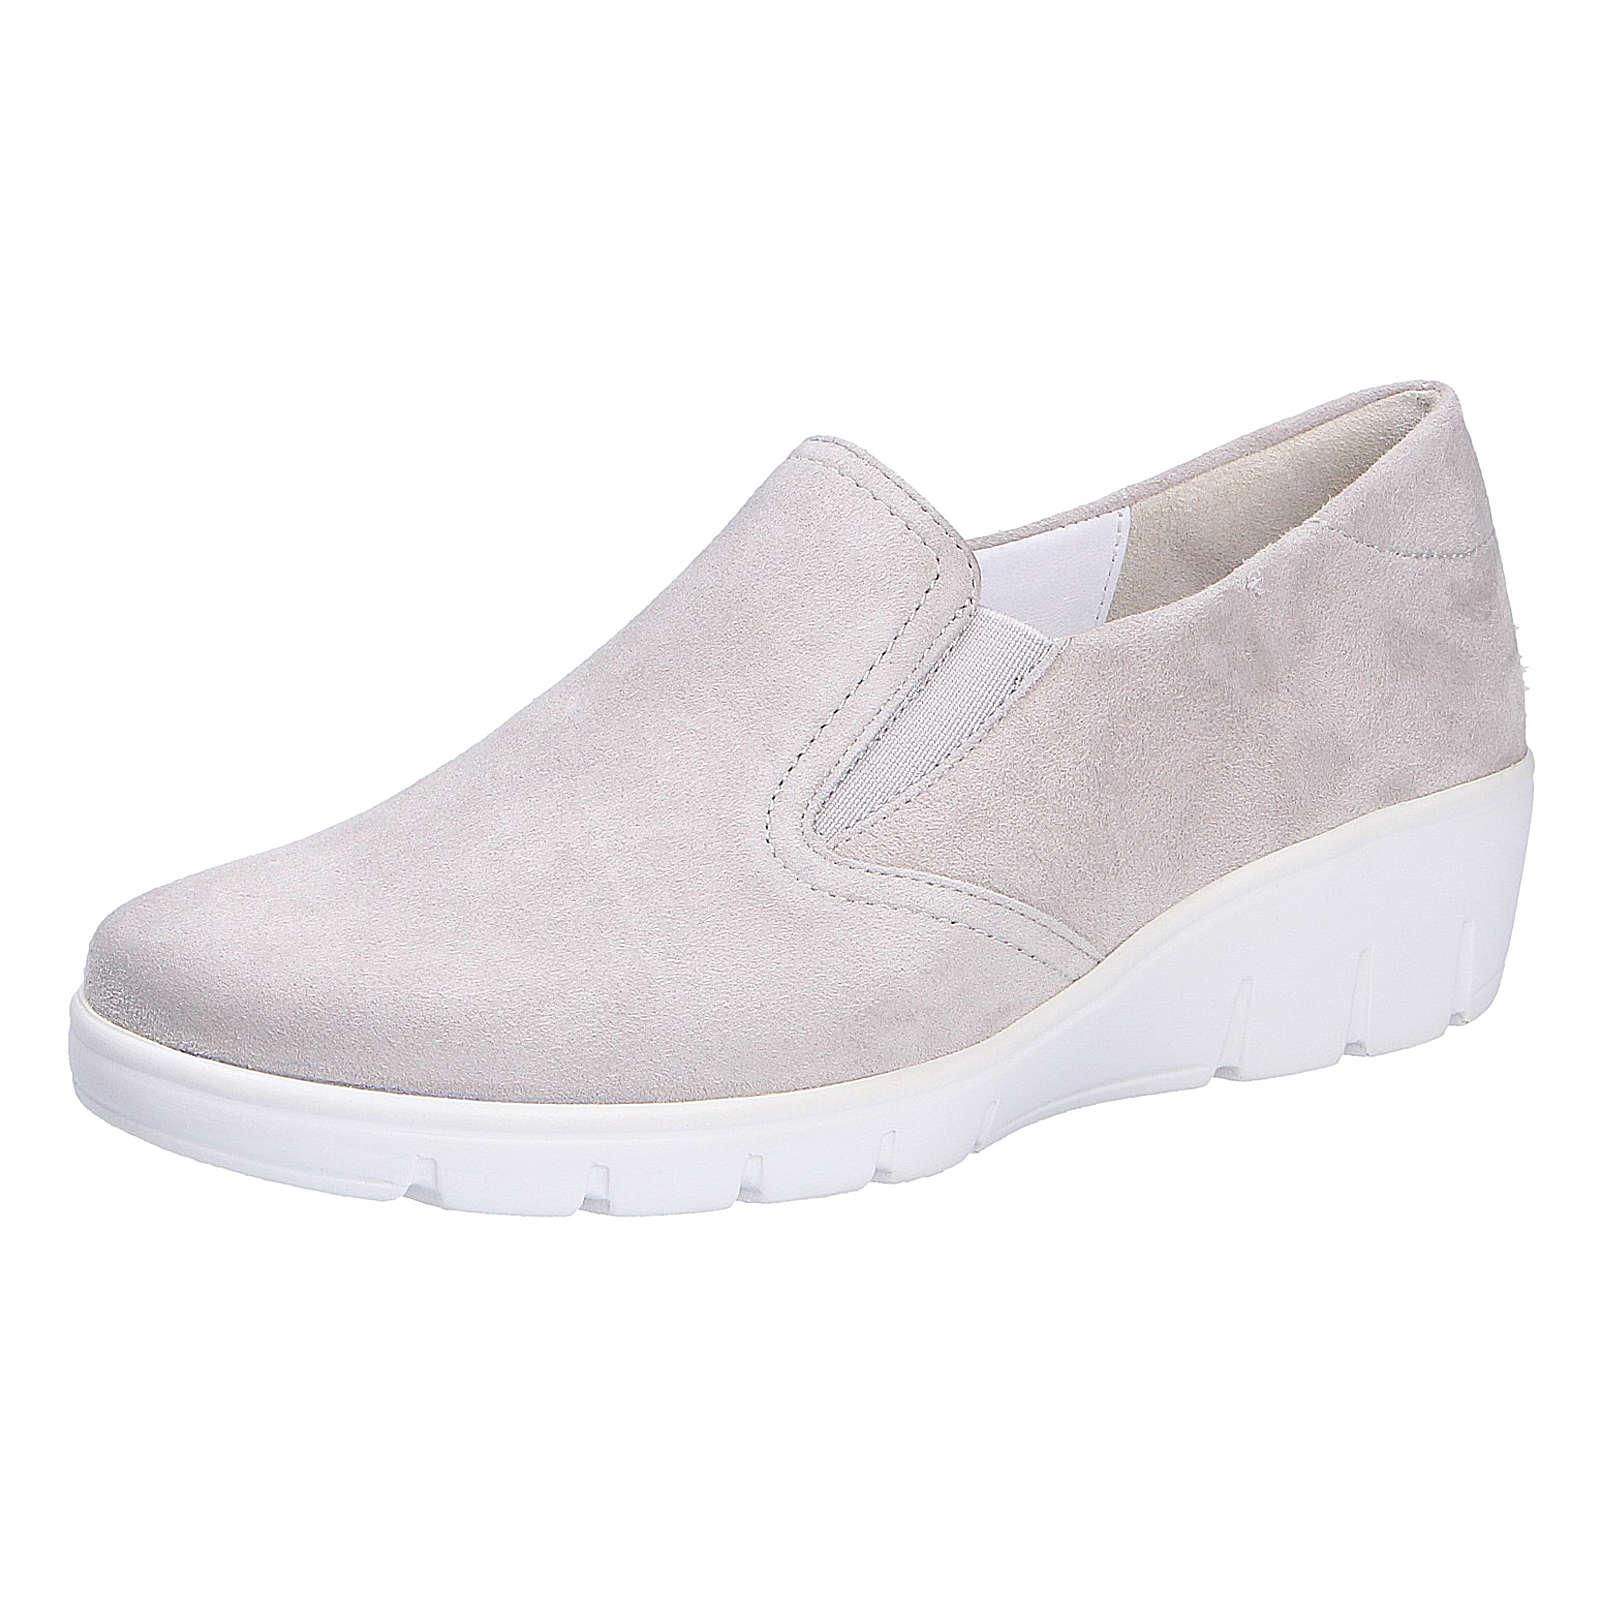 Semler Comfort Slipper Komfort-Slipper grau Damen Gr. 43